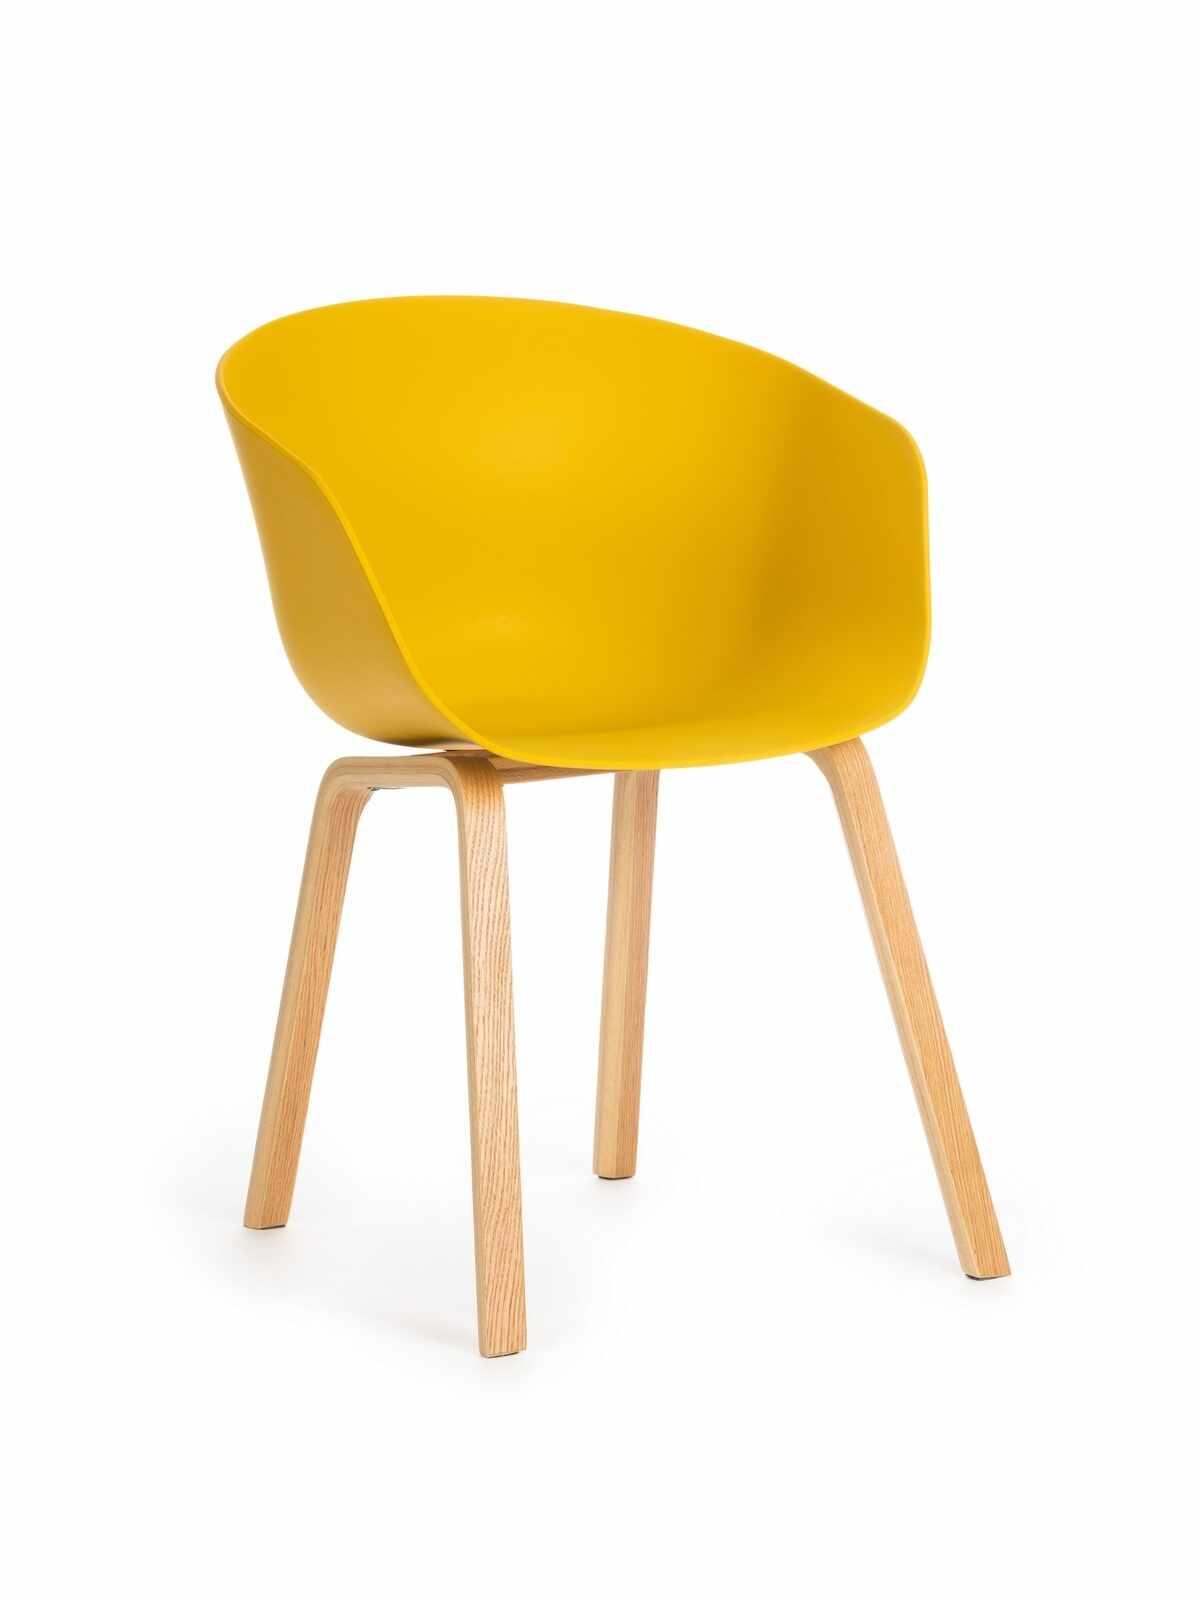 Scaun din plastic cu picioare din lemn Iris Yellow, l55xA56xH80 cm la pret 201 lei